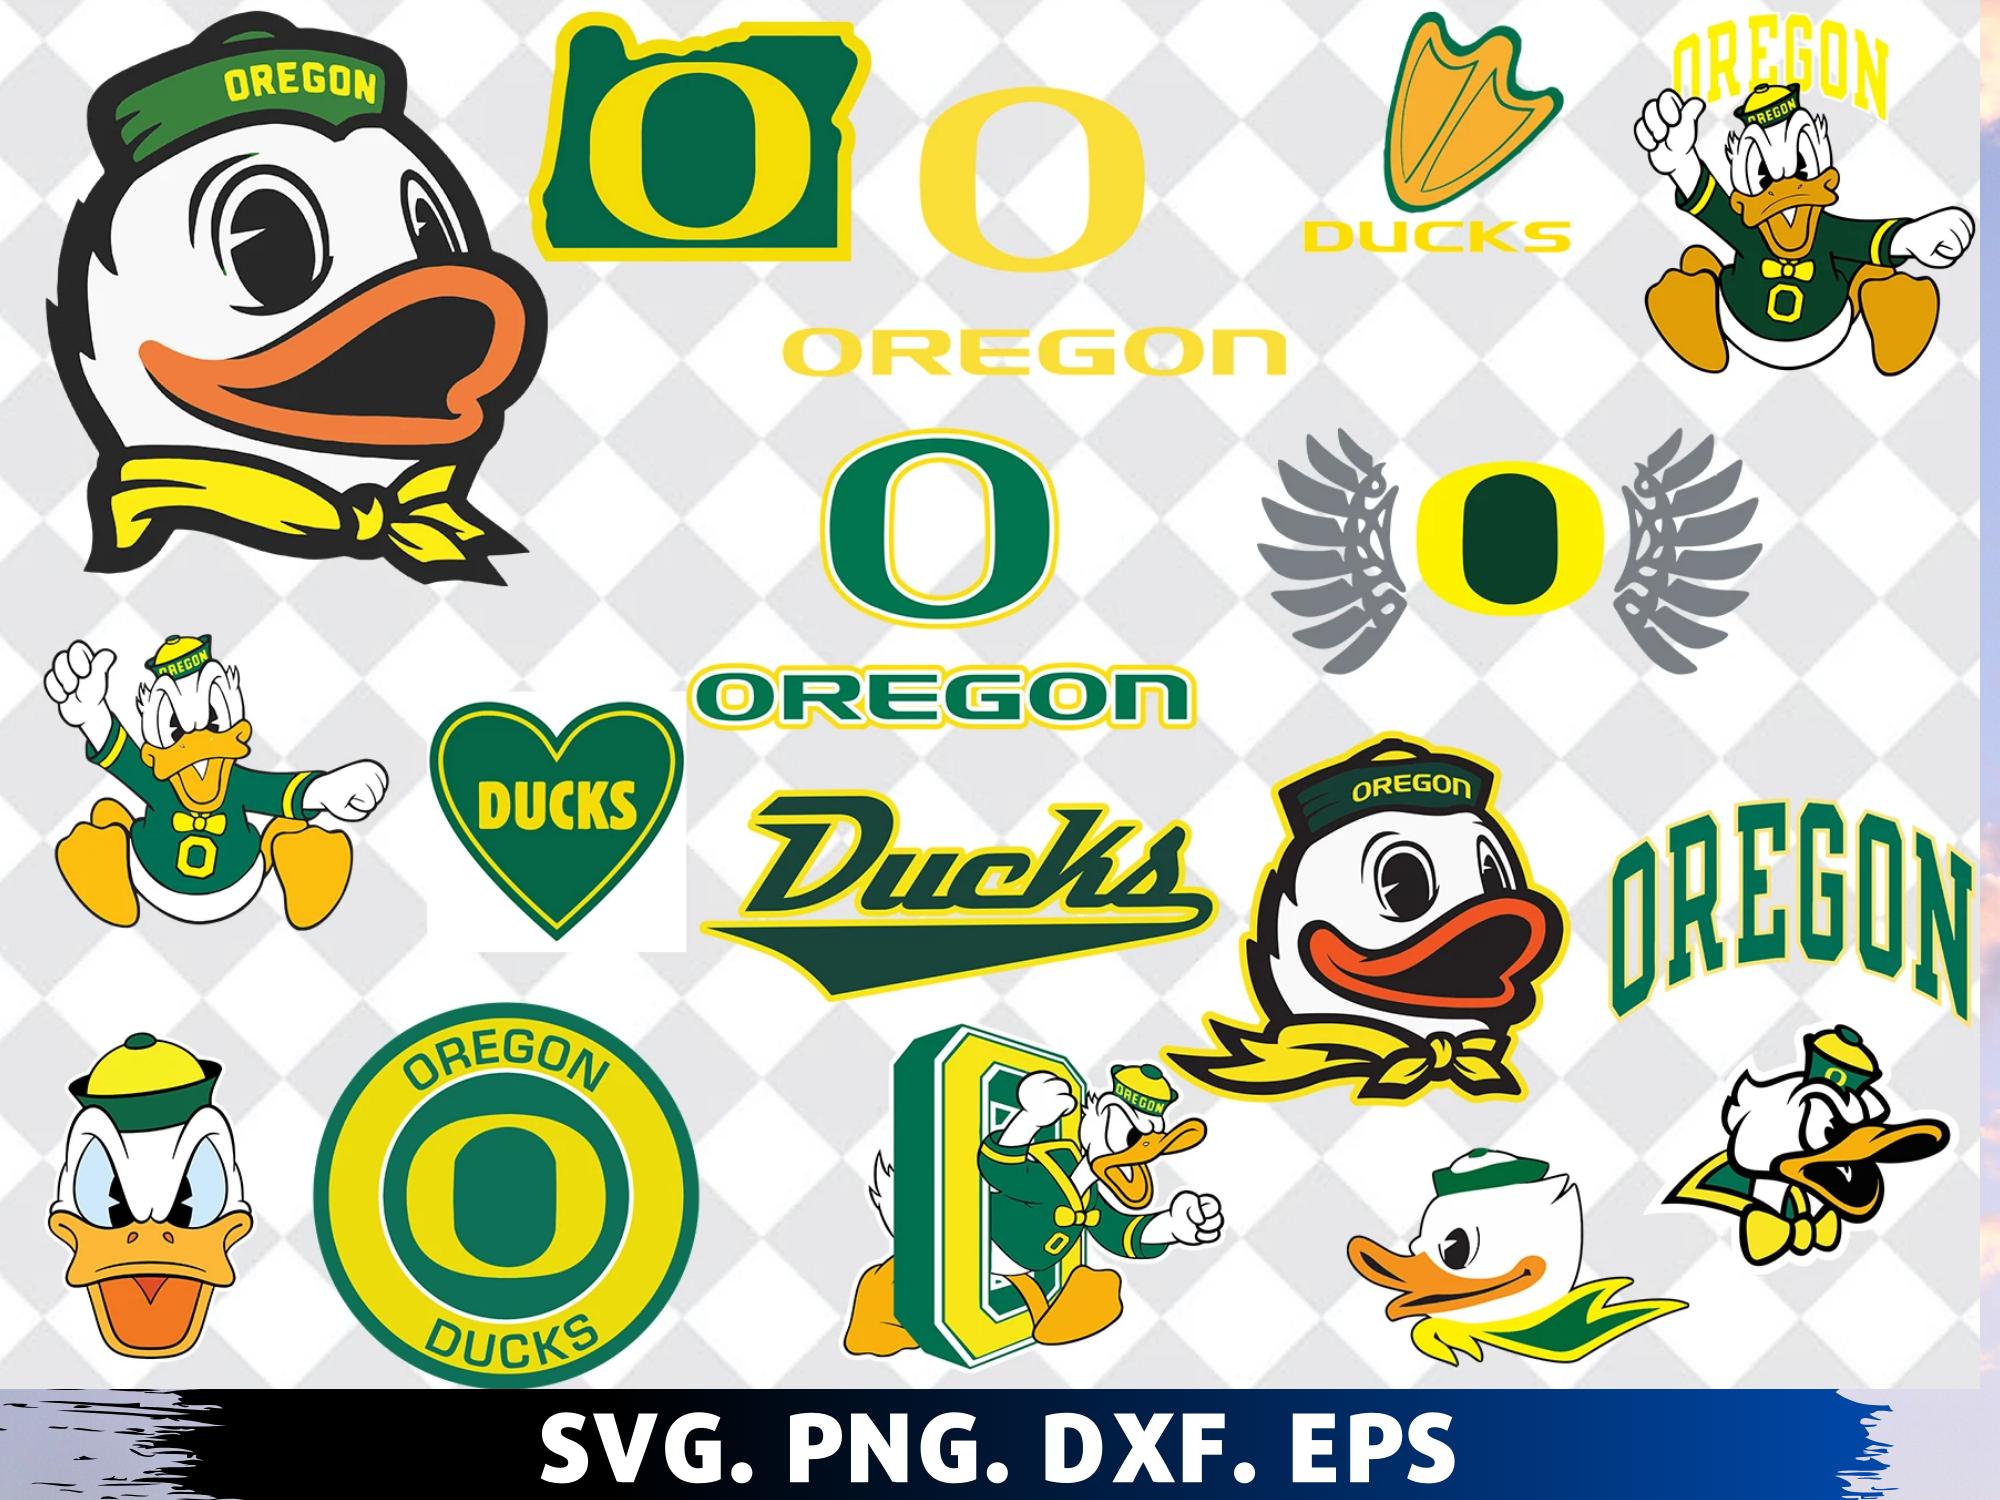 Clipartshop Oregon Ducks Oregon Ducks Svg Oregon Ducks Logo Oregon Ducks Clipart Oregon Ducks Cricut In 2020 Oregon Ducks Oregon Ducks Logo Sports Svg